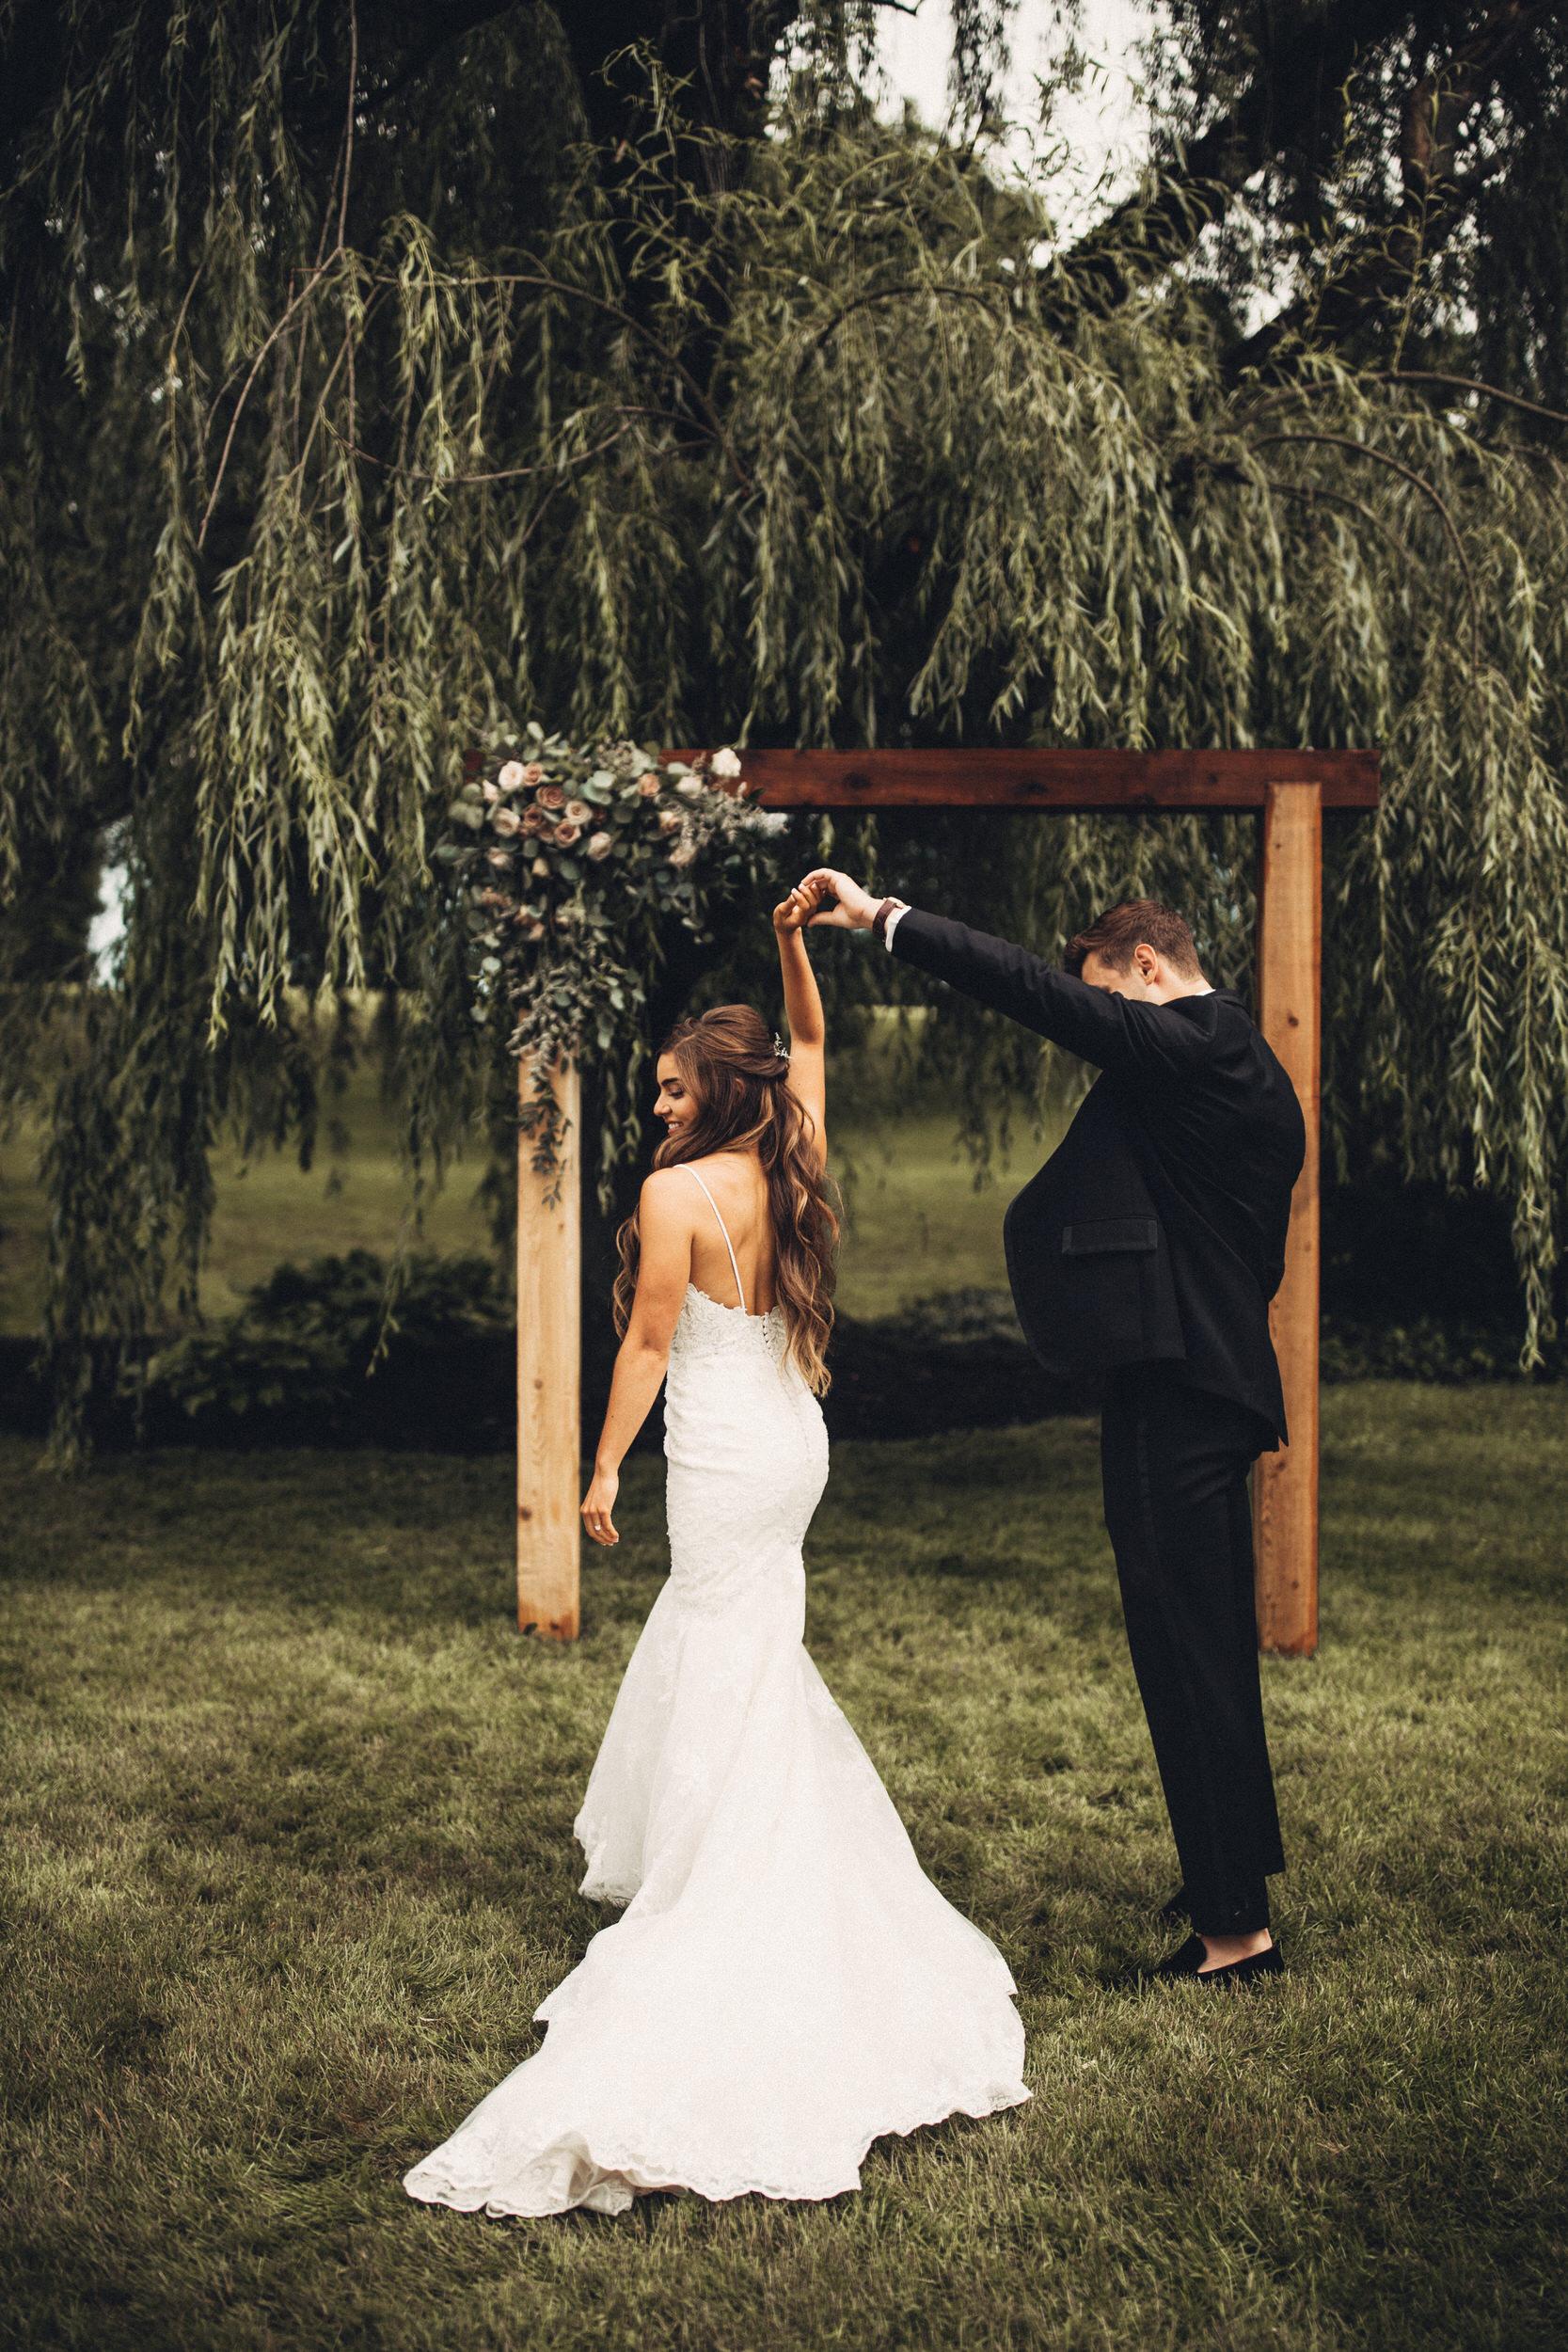 Editorial_Ohio_Farmhouse_Wedding_19.JPG